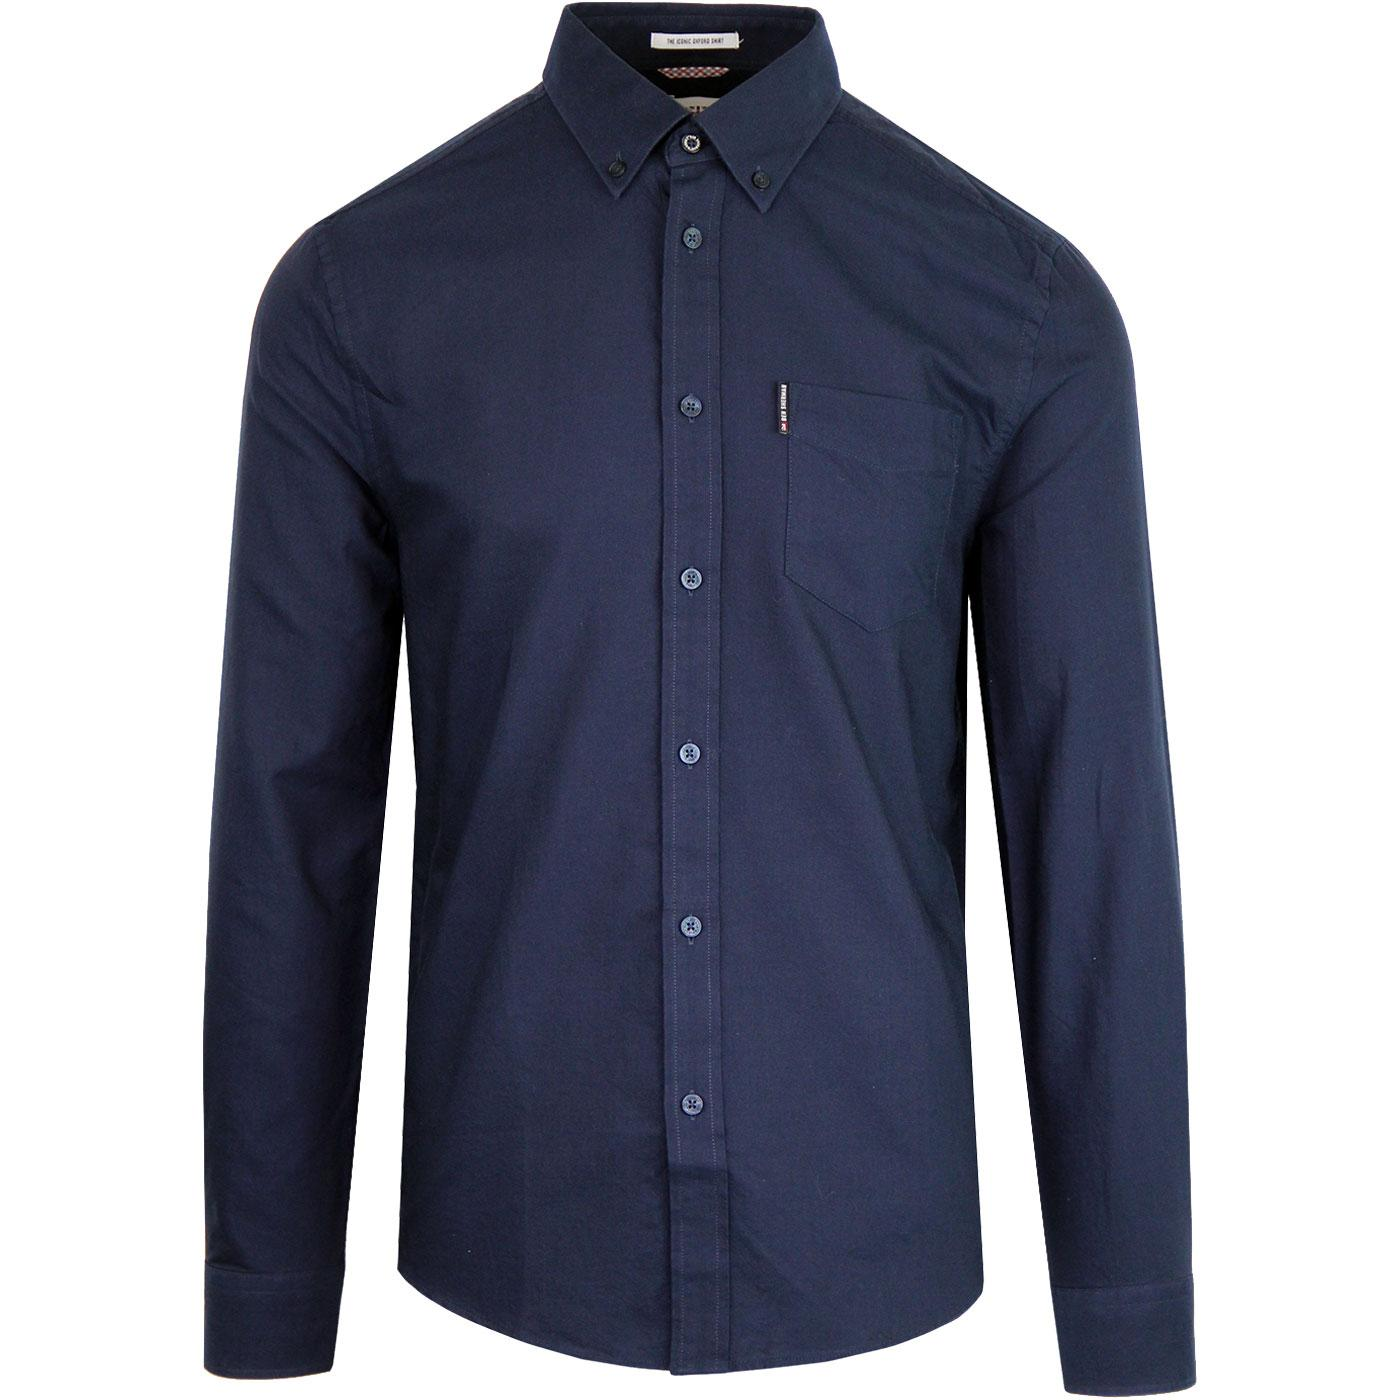 BEN SHERMAN Men's Mod Button Down Oxford Shirt (N)